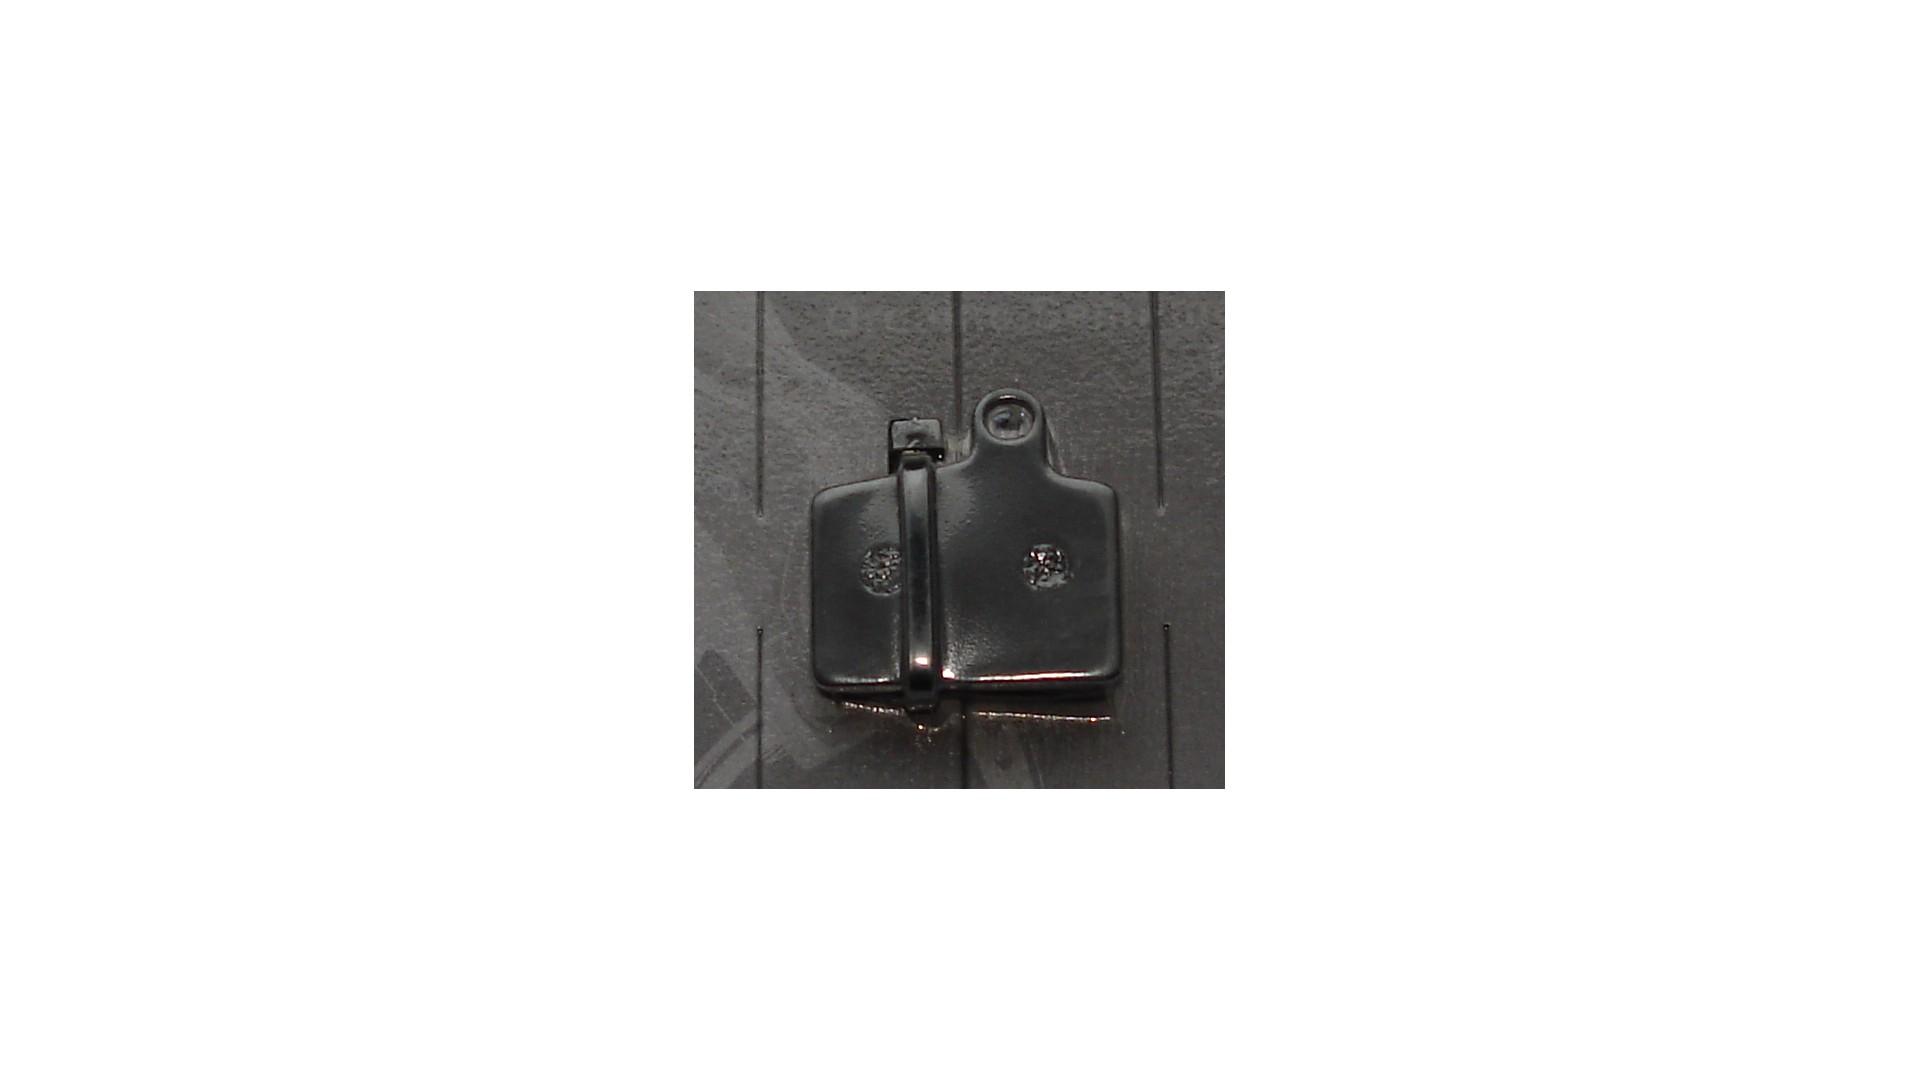 Тормозные колодки Baradine DS-40 Hayes Stroker для дискового тормоза